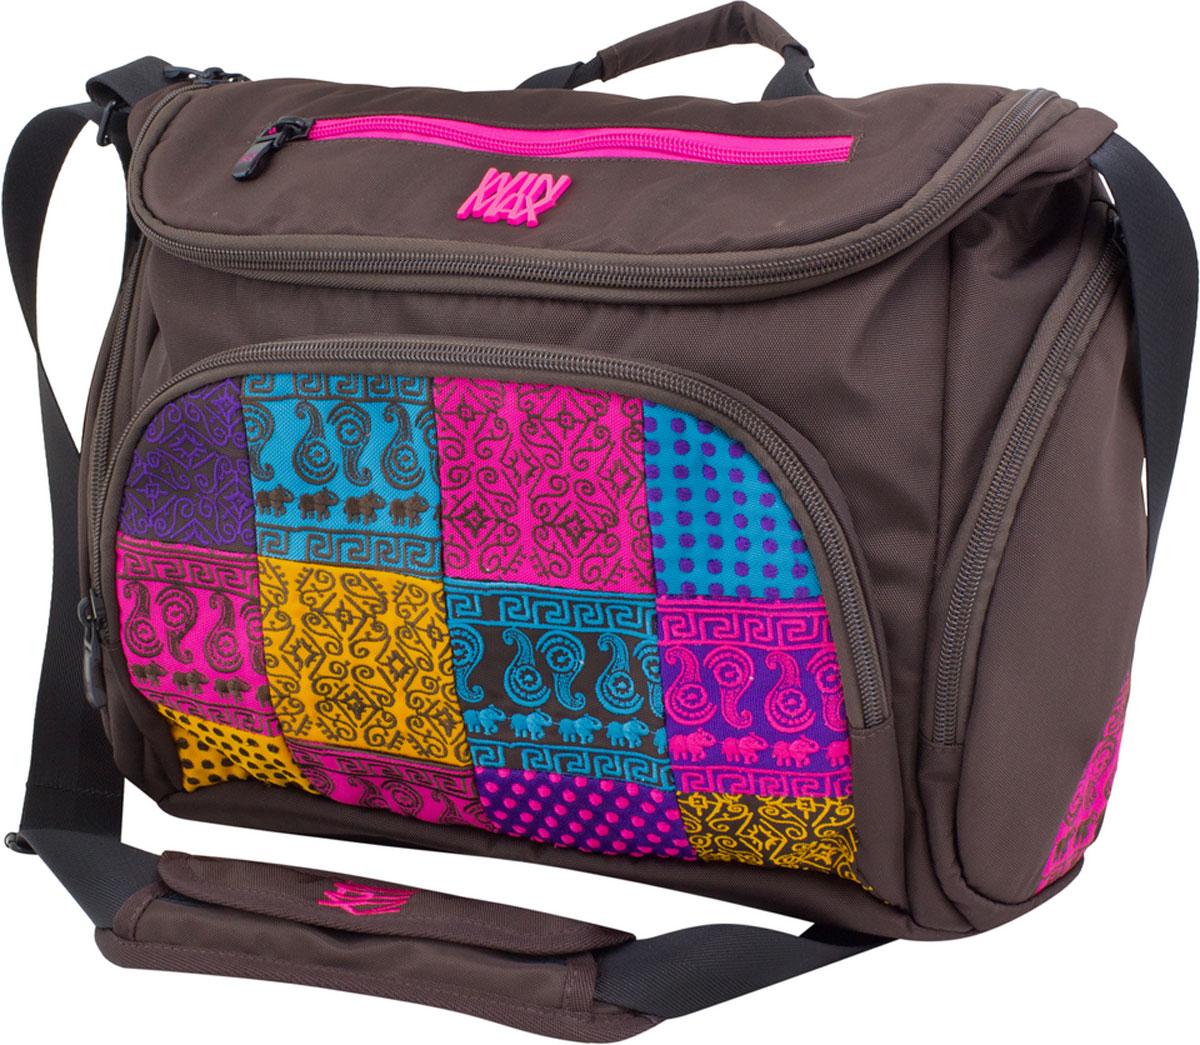 WinMax Сумка школьная цвет коричневый D-035D-035_коричневыйСумка с верхним клапаном на молнии, украшена шелковой вышивкой, - это маленькое произведение искусства. Каждая ниточка с любовью вписана в общий орнамент, а яркие и неоновые цвета ниток делают его модным и стильным. Качественный, легкий и прочный материал делает сумку практичной и долговечной в носке. Такая сумка будет настоящей изюминкой среди вашего гардероба и выгодно подчеркнет ваш прекрасный вкус!!!Отделения: 1) Центральное отделение, в котором расположен отсек для ноутбука диагональю 13,3, для наилучшей сохранности вашего ПК, данный отсек на подкладке из мягкого материала, на другой стороне большой карман с липучкой. 2) Второе отделение расположено на задней части сумки, около ручки.Карманы: Два боковых кармана на молнии Передний центральный карман, в котором расположено отделения под канцелярию (органайзер) с карманами под сотовые и документы. На переднем верхнем клапане карман на молнии.В комплекте: Бирка с индивидуальным штрих кодом и описанием. Имеет ряд качественных и...